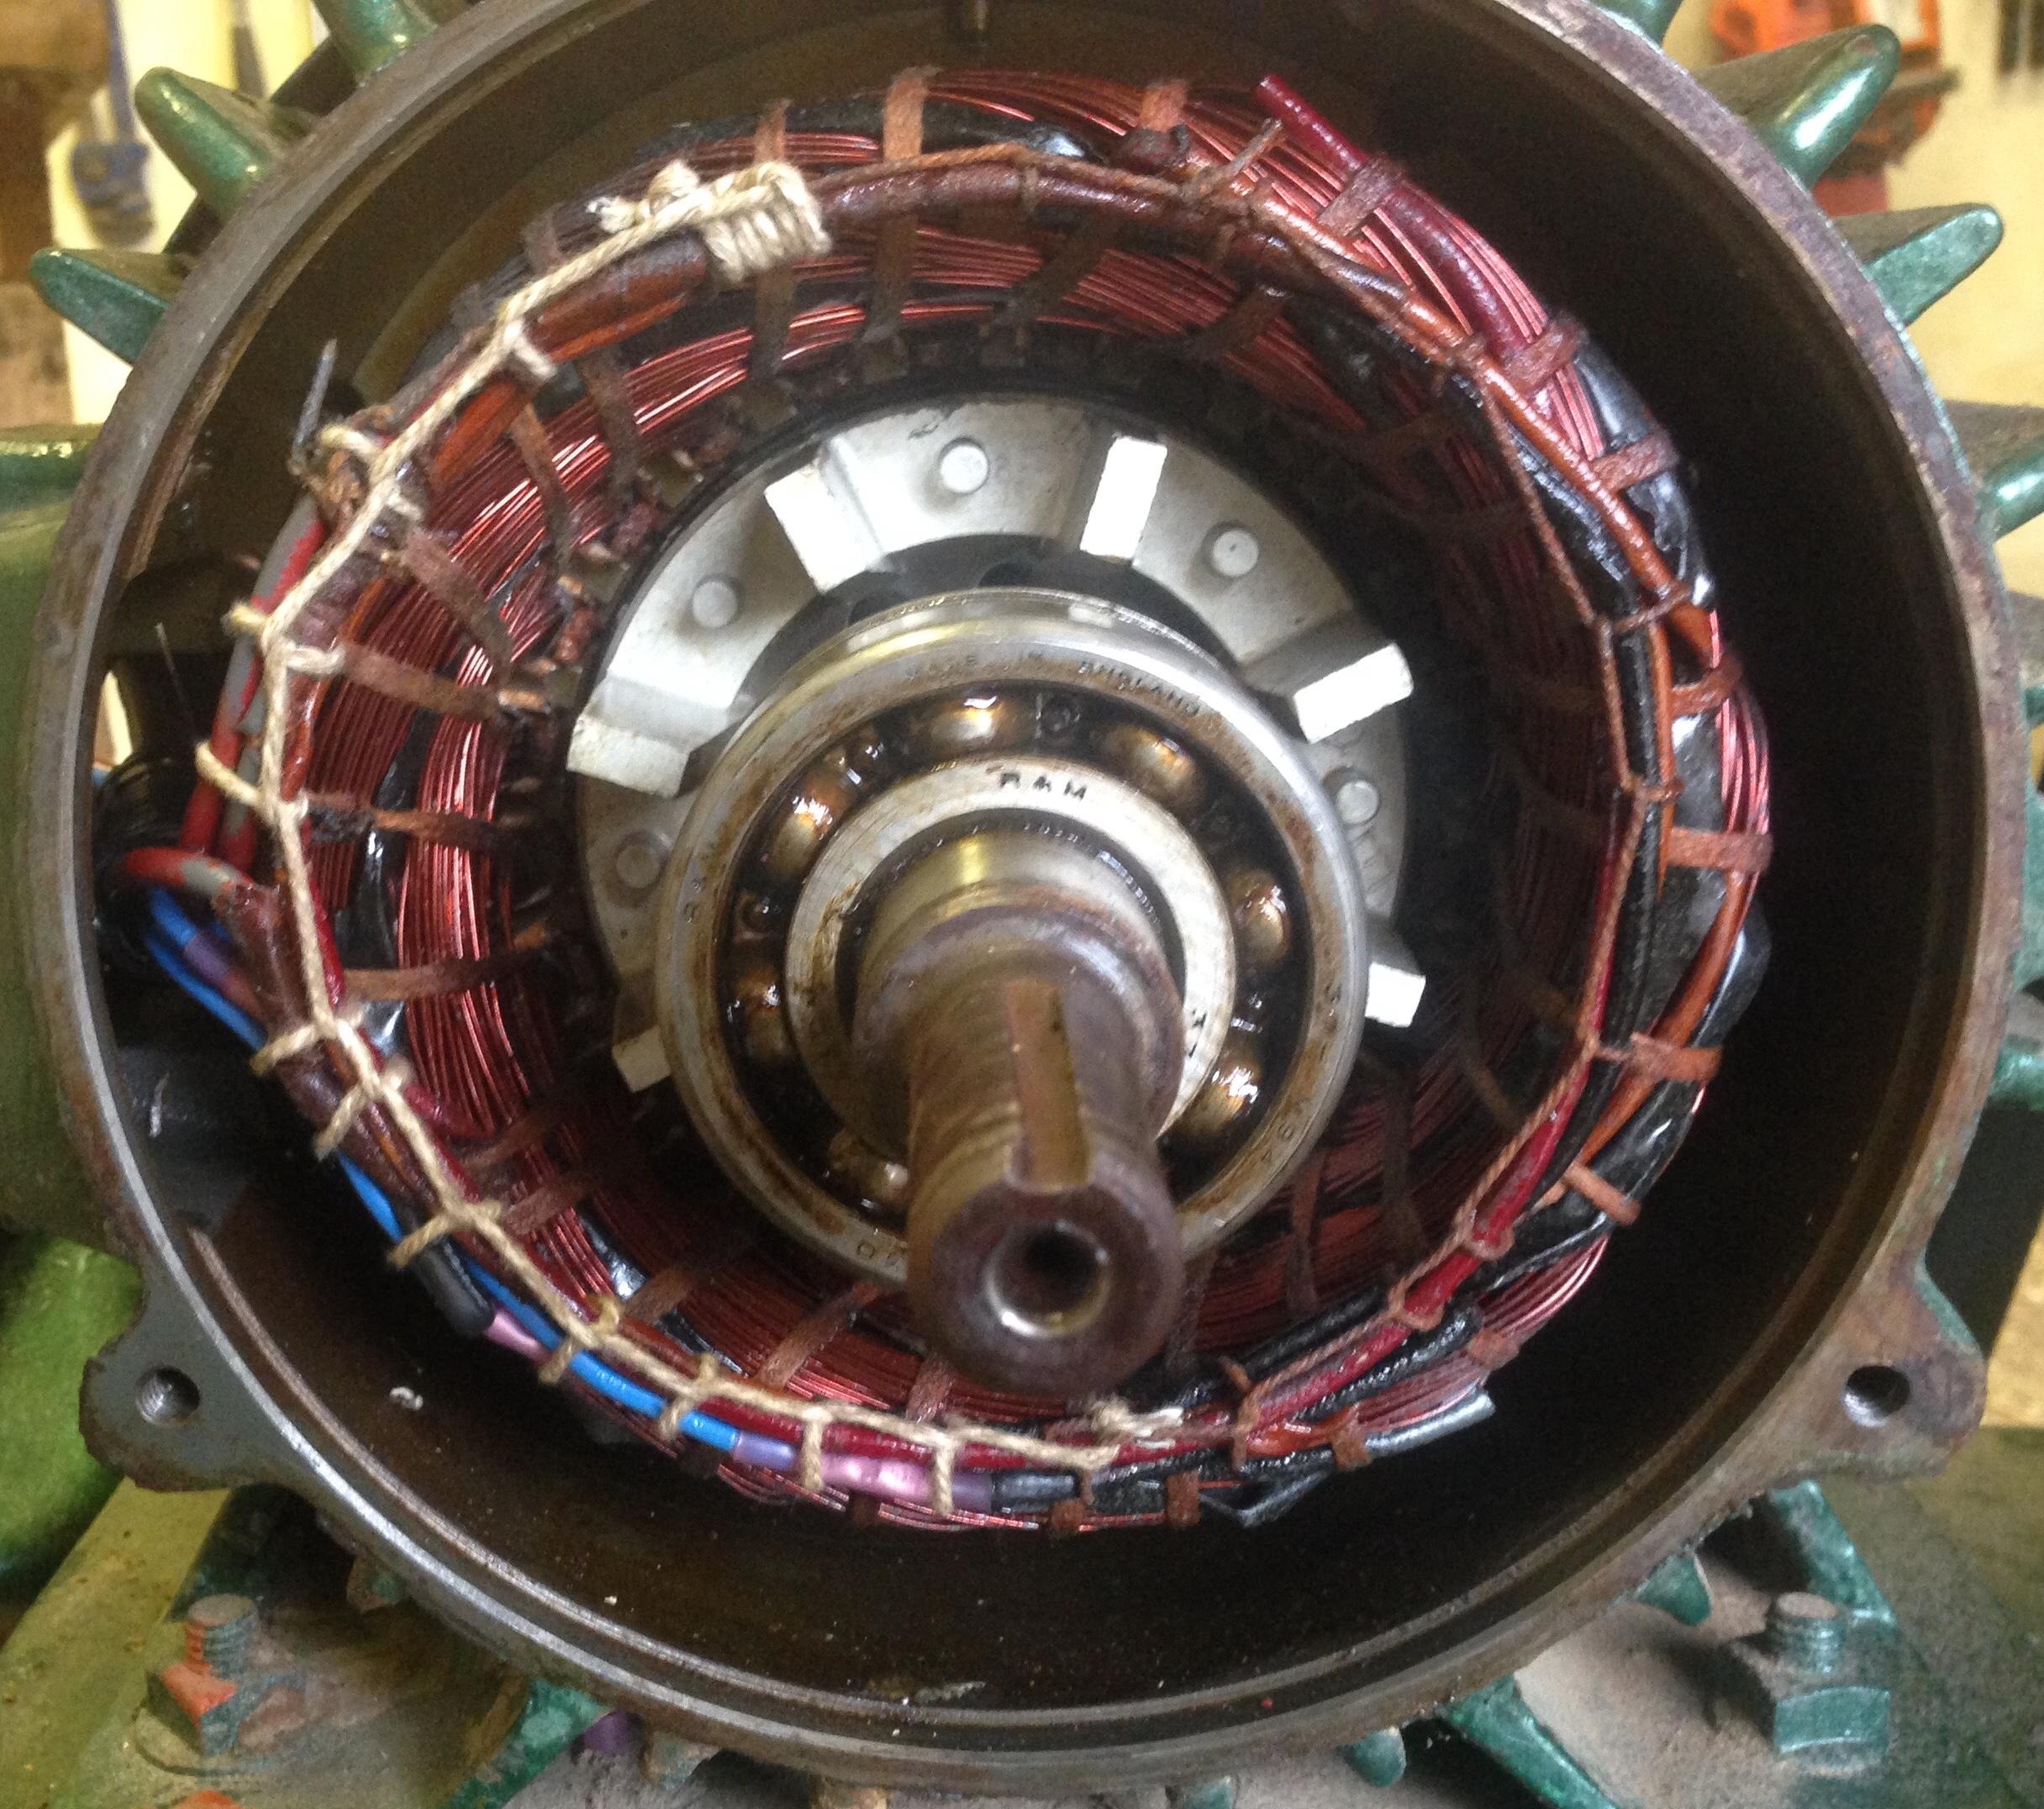 6F834F5D-0F56-41A3-A3BB-169FFD01D095.jpeg